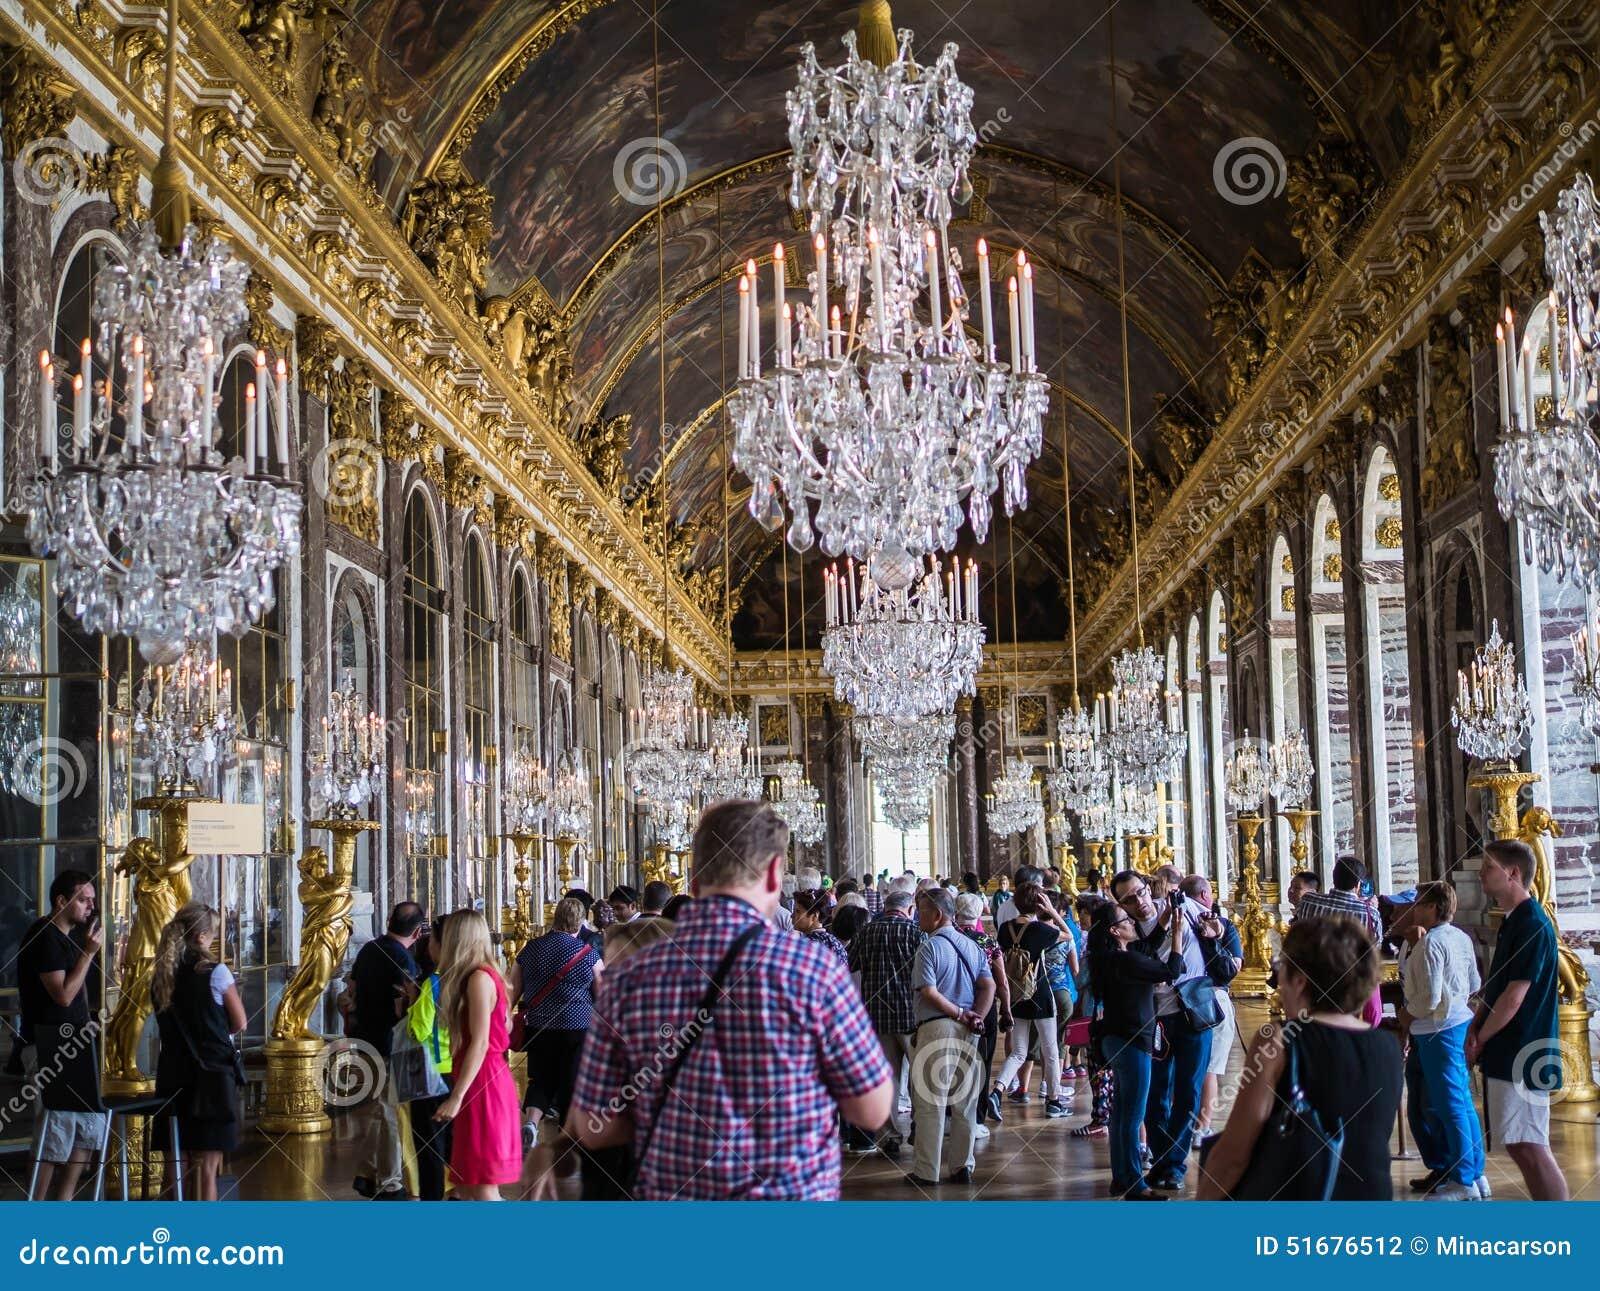 Turistas en Pasillo de espejos en el palacio de Versalles, Francia